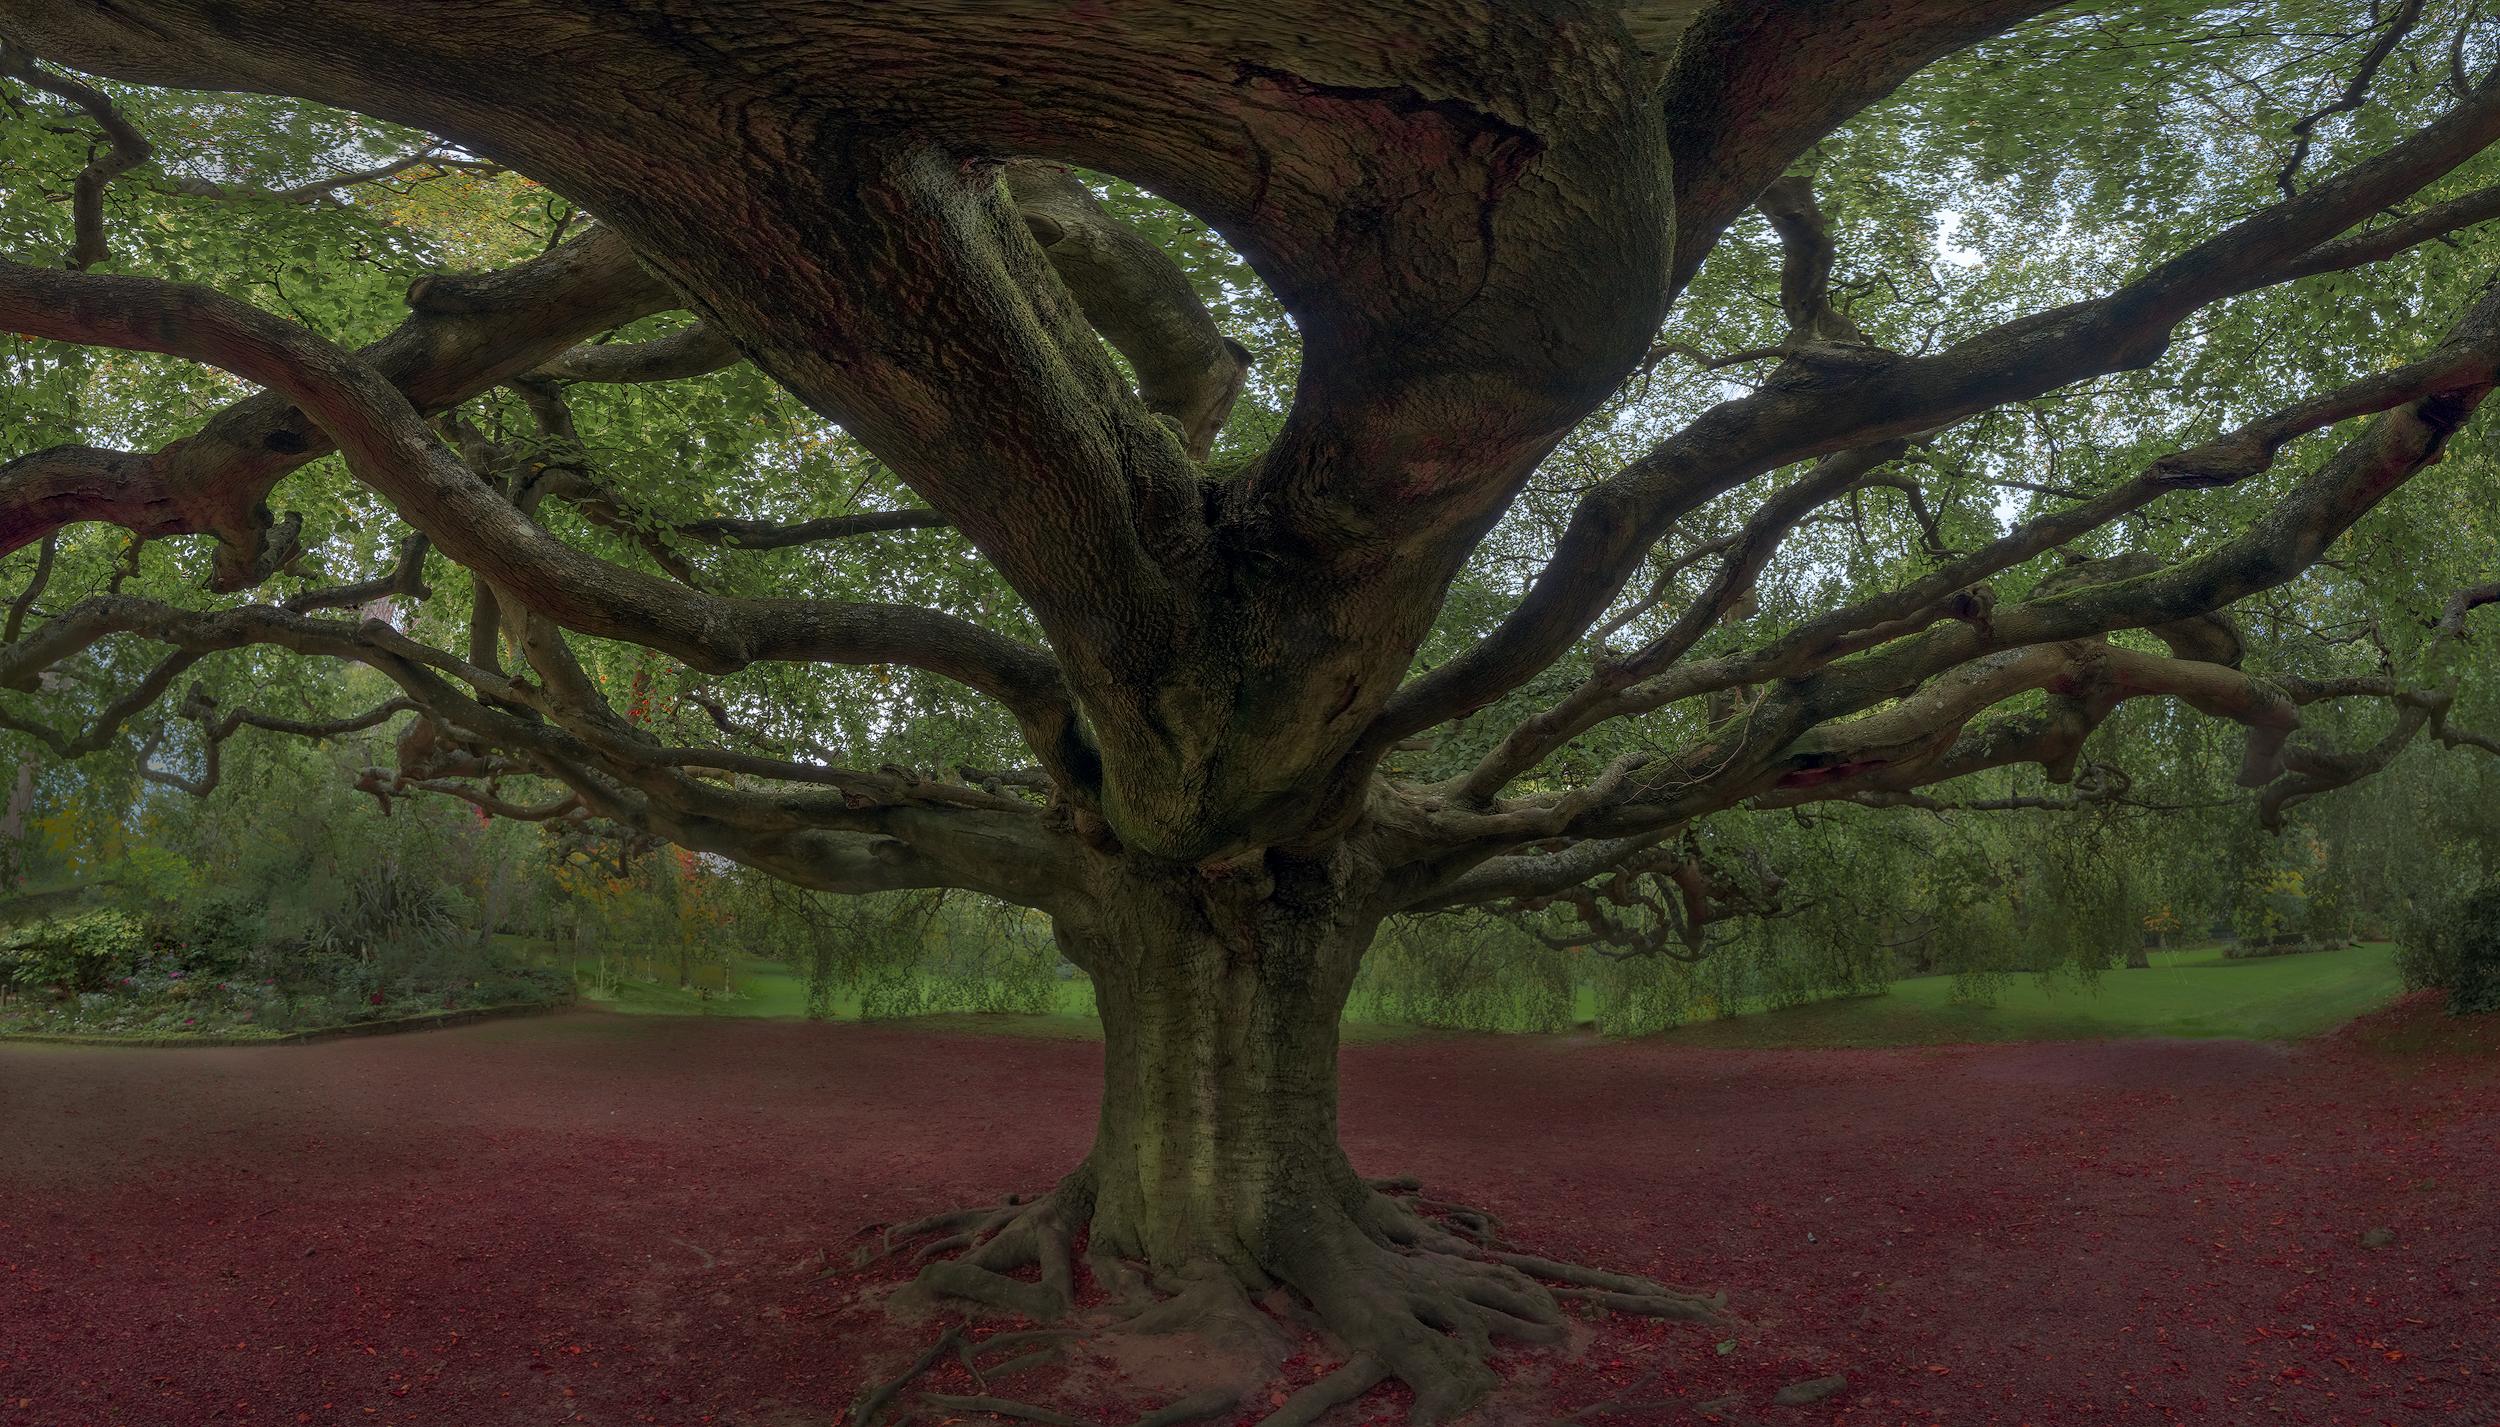 A lifelong love affair with trees.